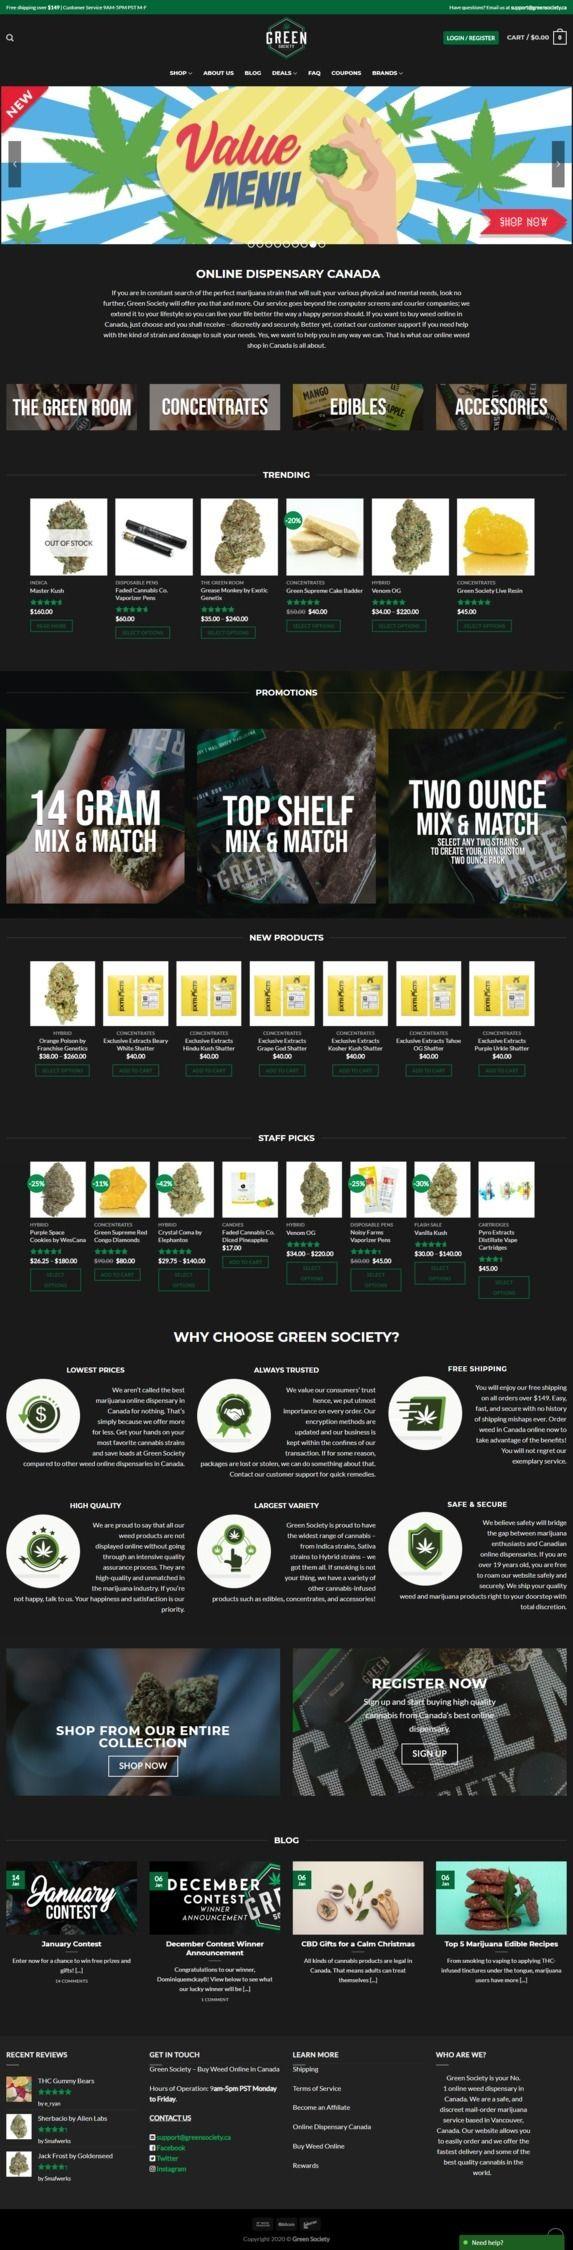 constant search perfect marijua - greensociety | ello